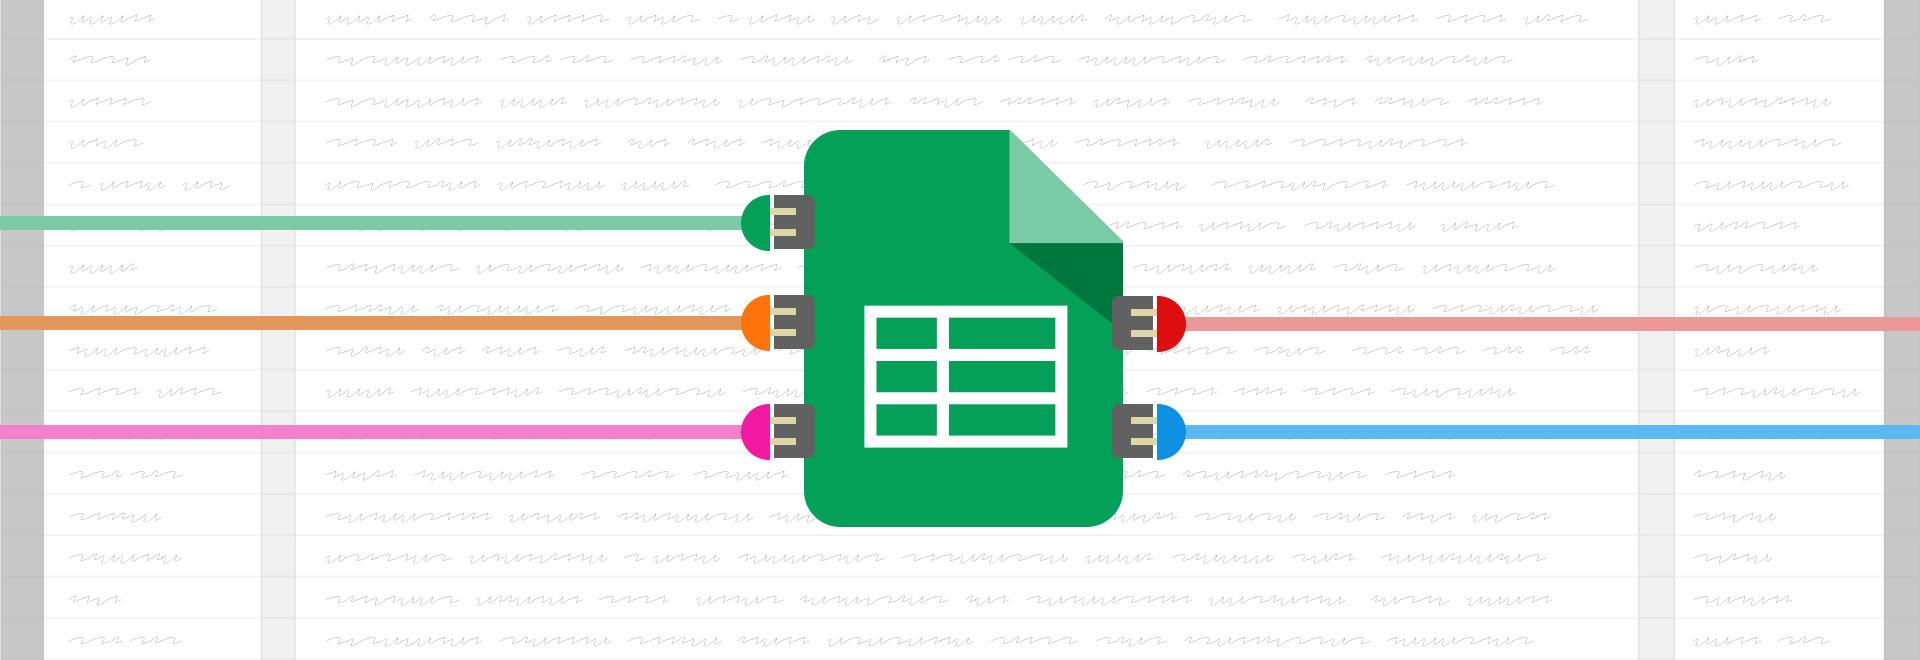 Cách sử dụng Google Sheets làm trình theo dõi giá của Amazon